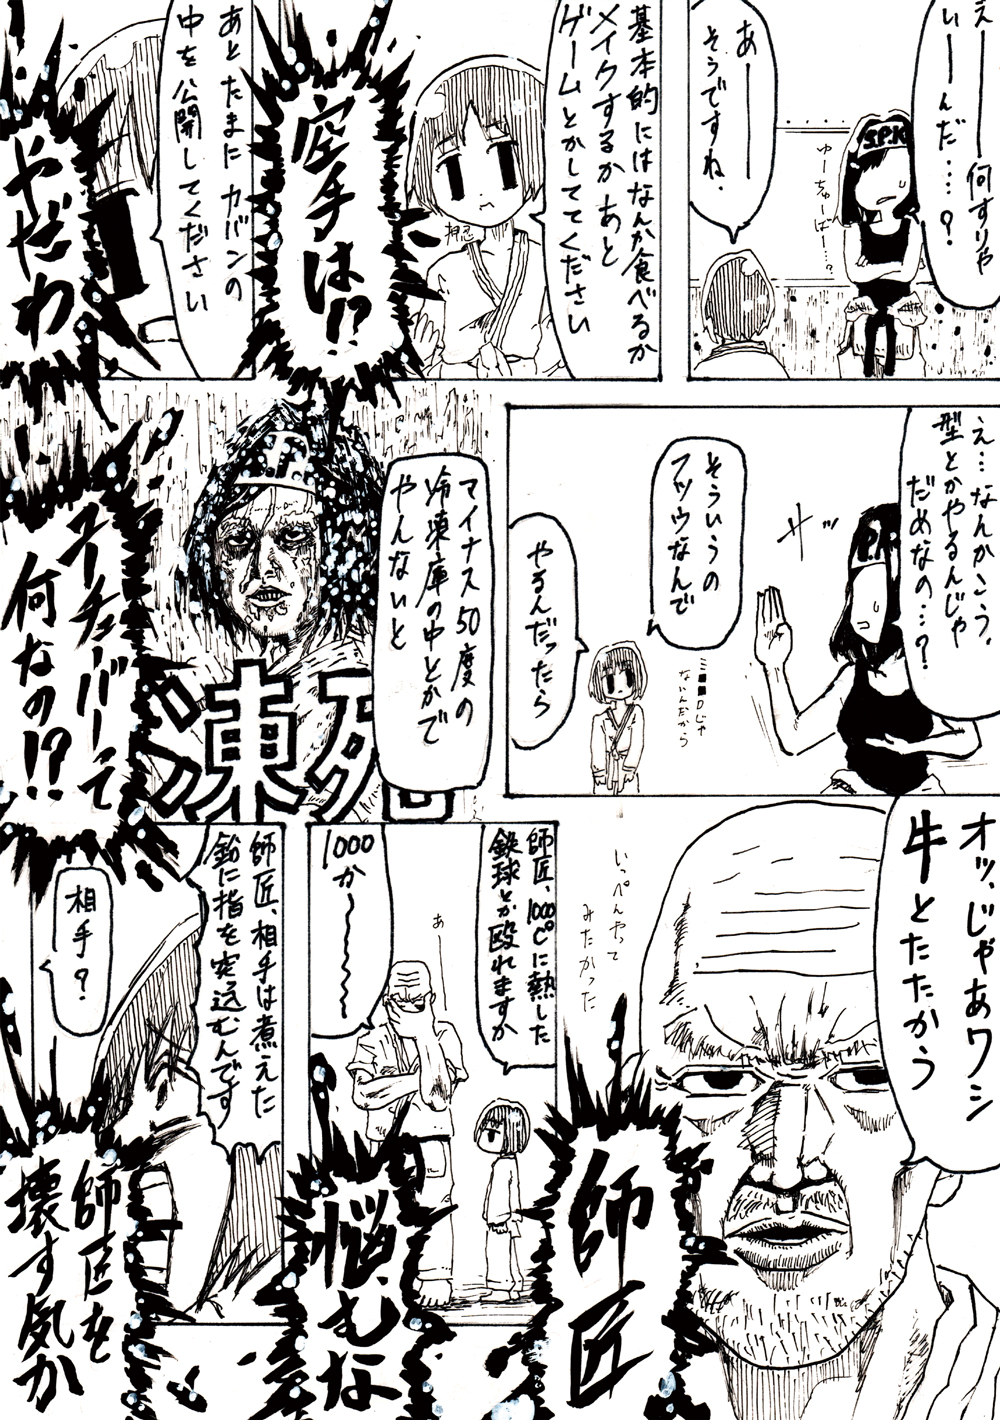 shinoda-006-3